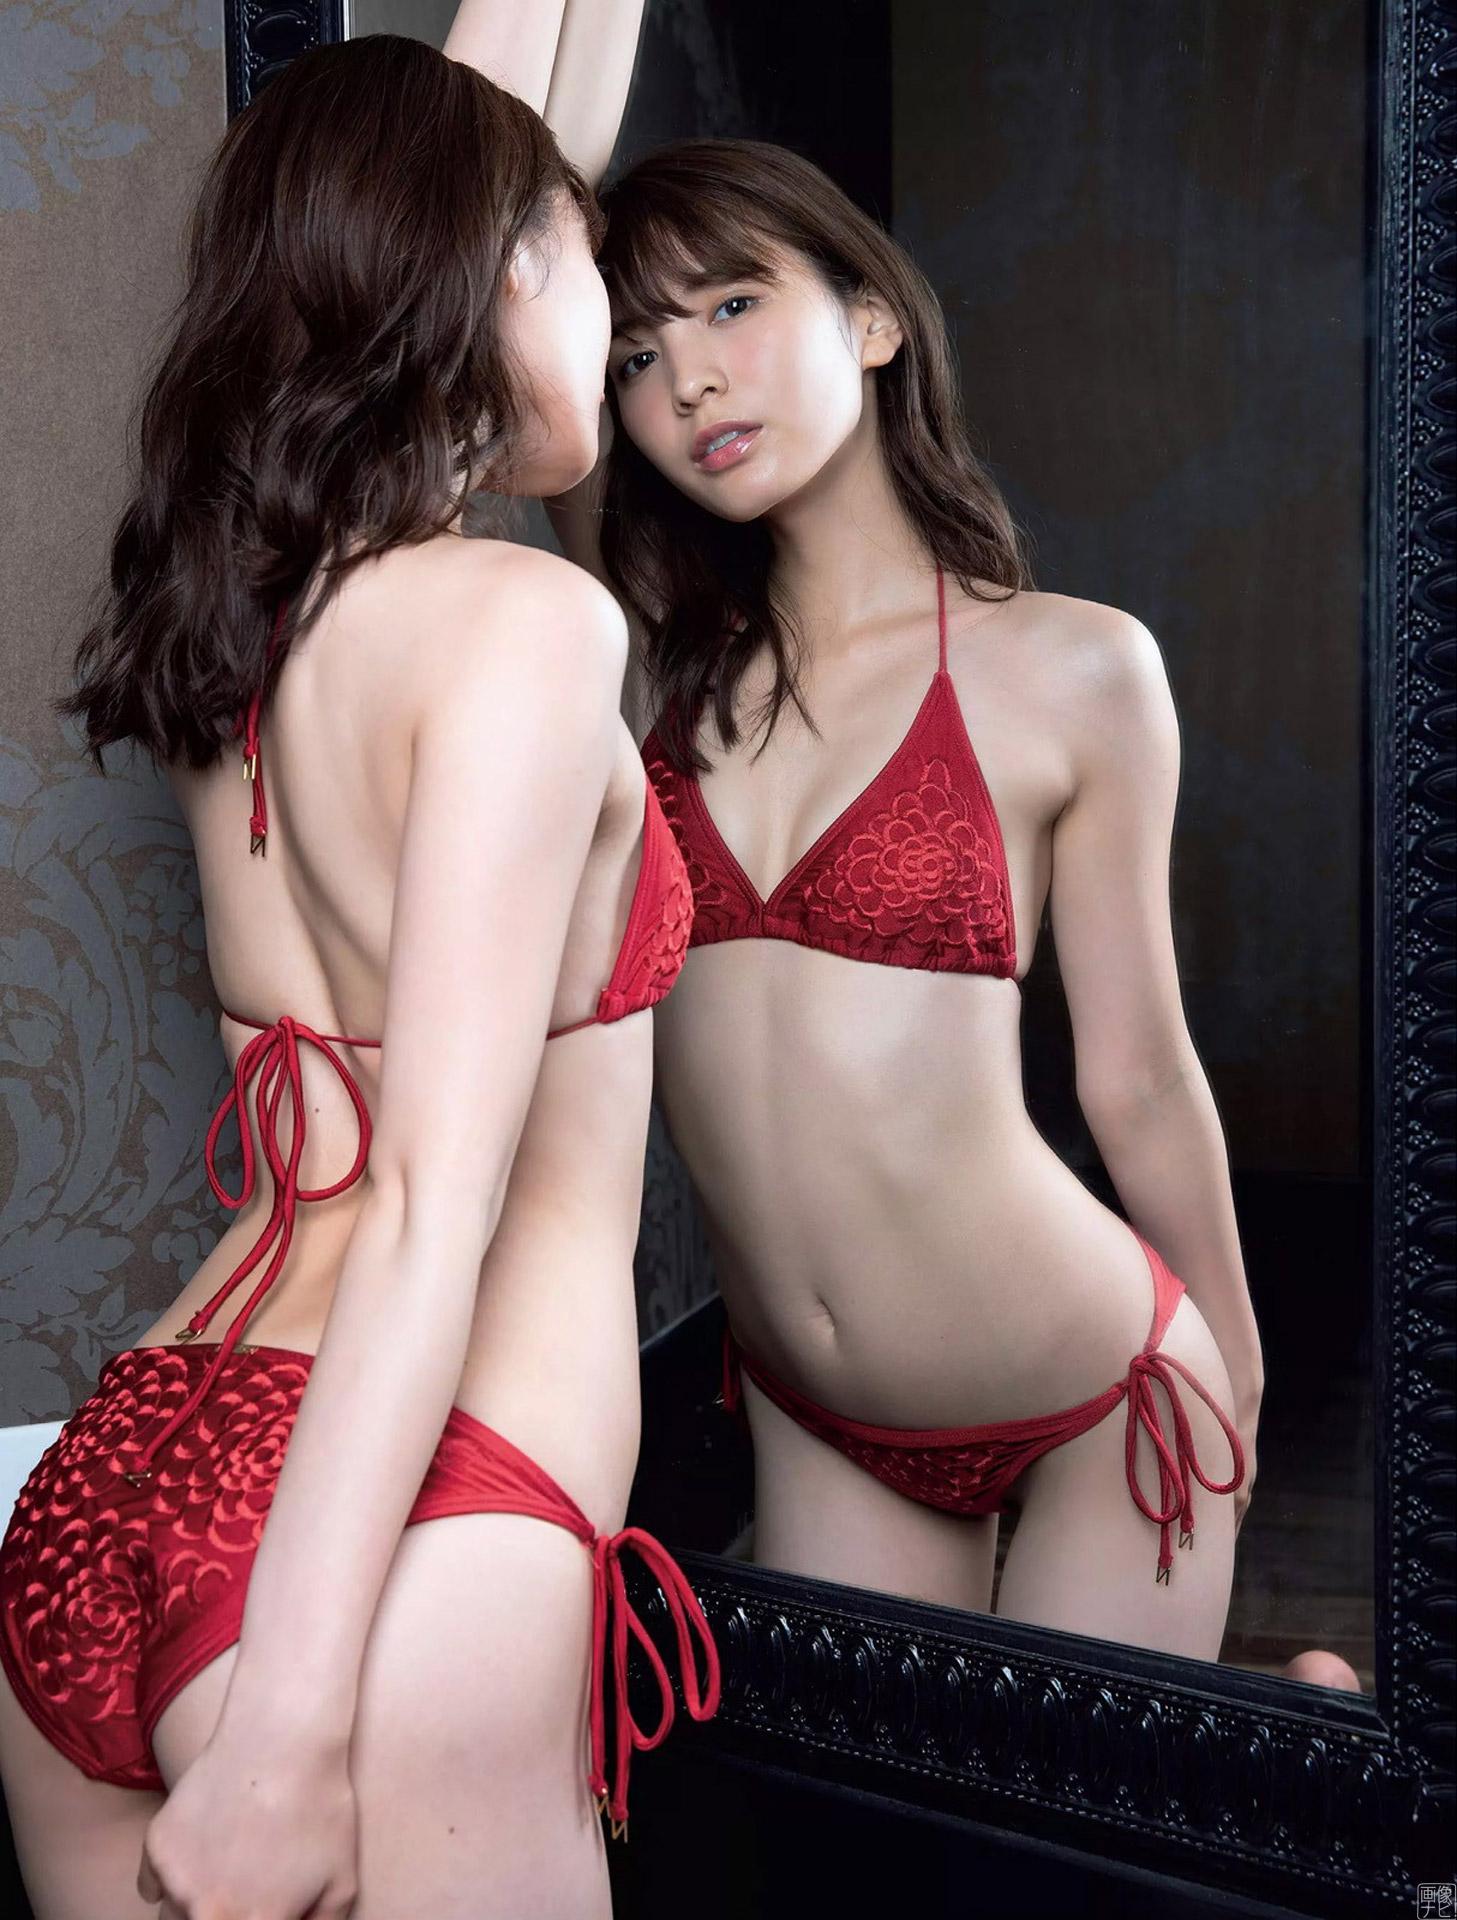 現役女子大生グラドルほのかの最新グラビアがエロすぎぃぃぃ!